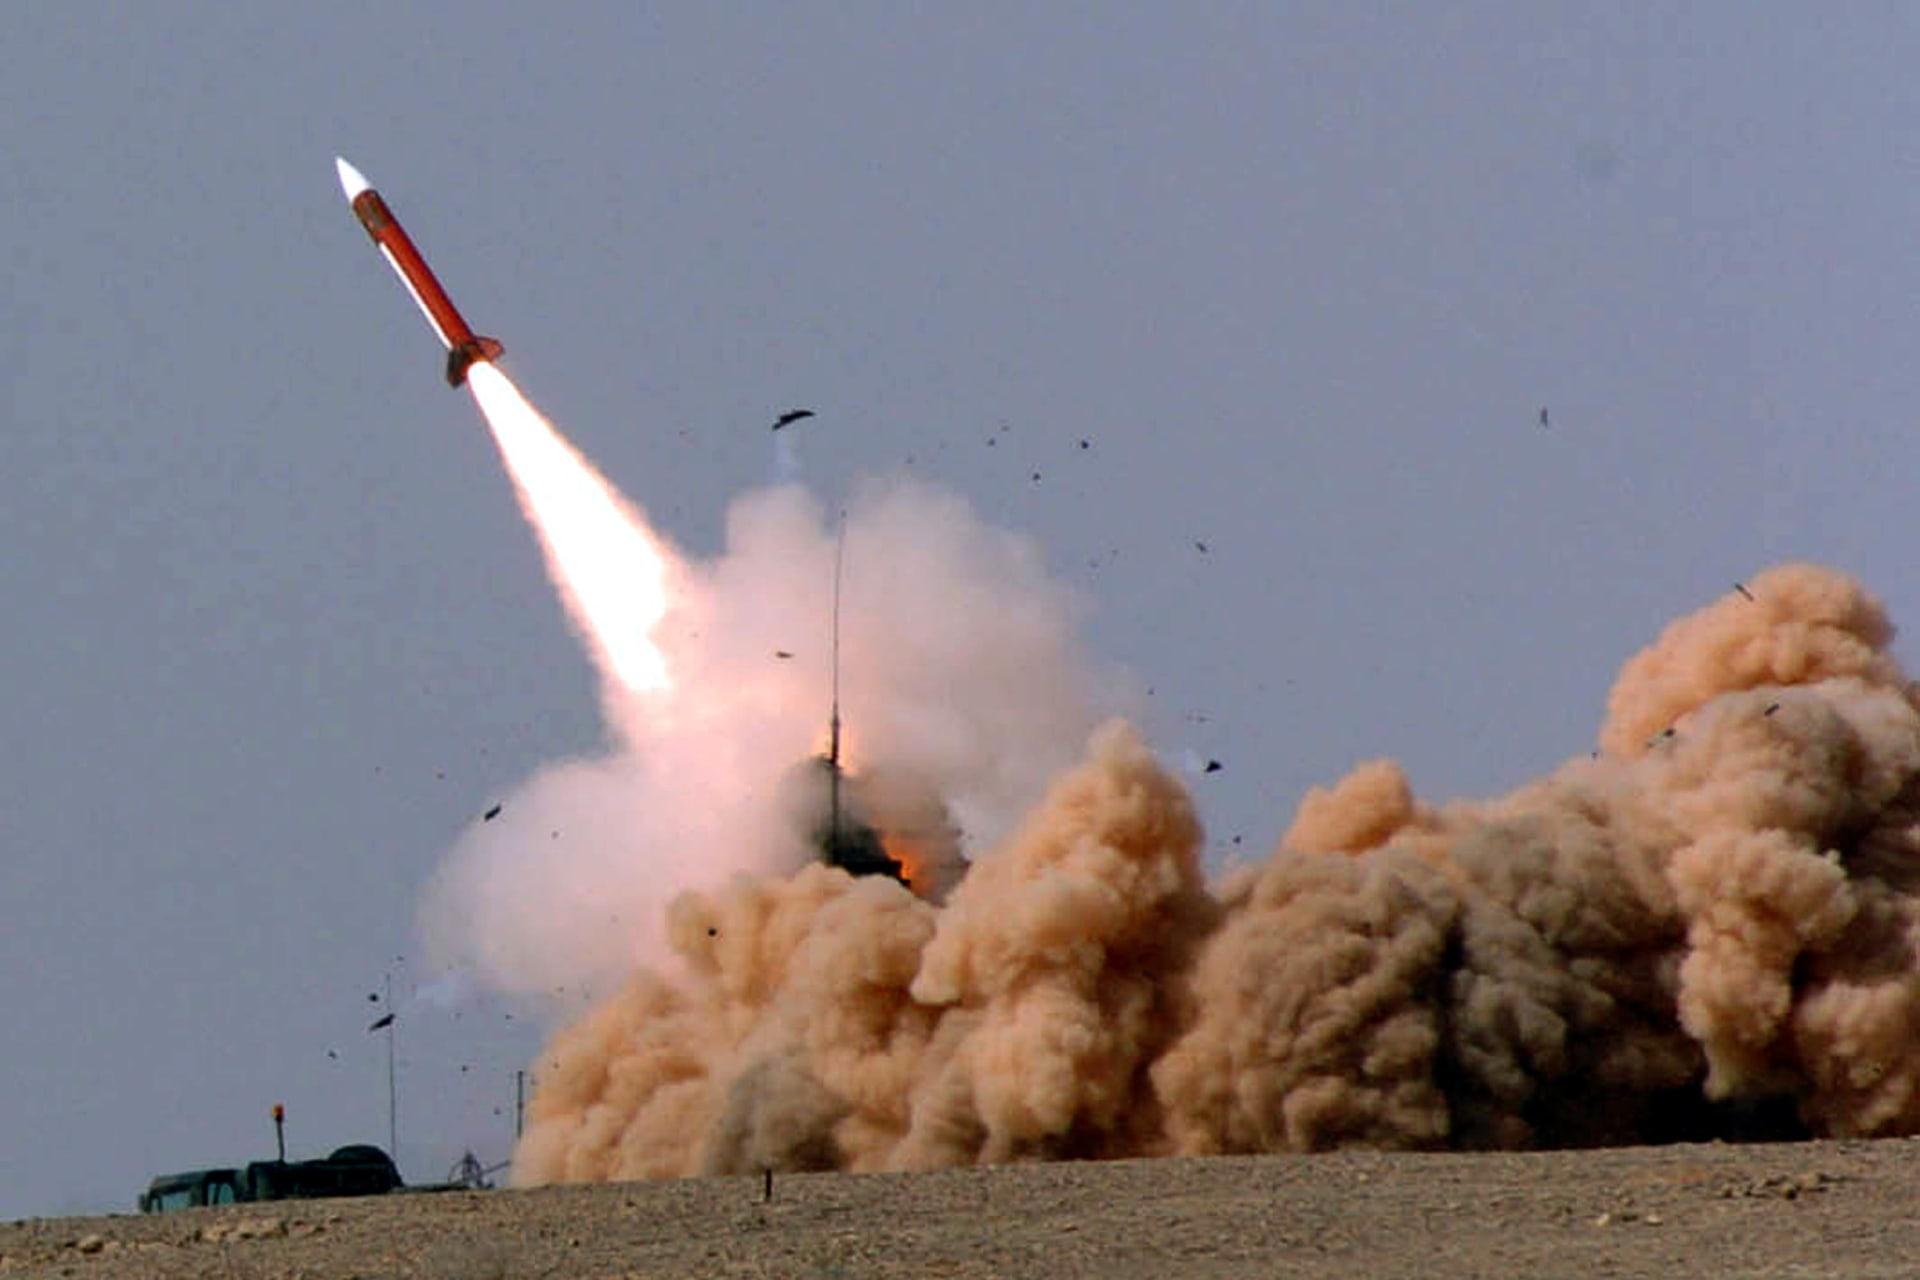 إسرائيل تسقط طائرة سورية اخترقت مجالها.. والنظام: كانت تدك الإرهابيين بسوريا